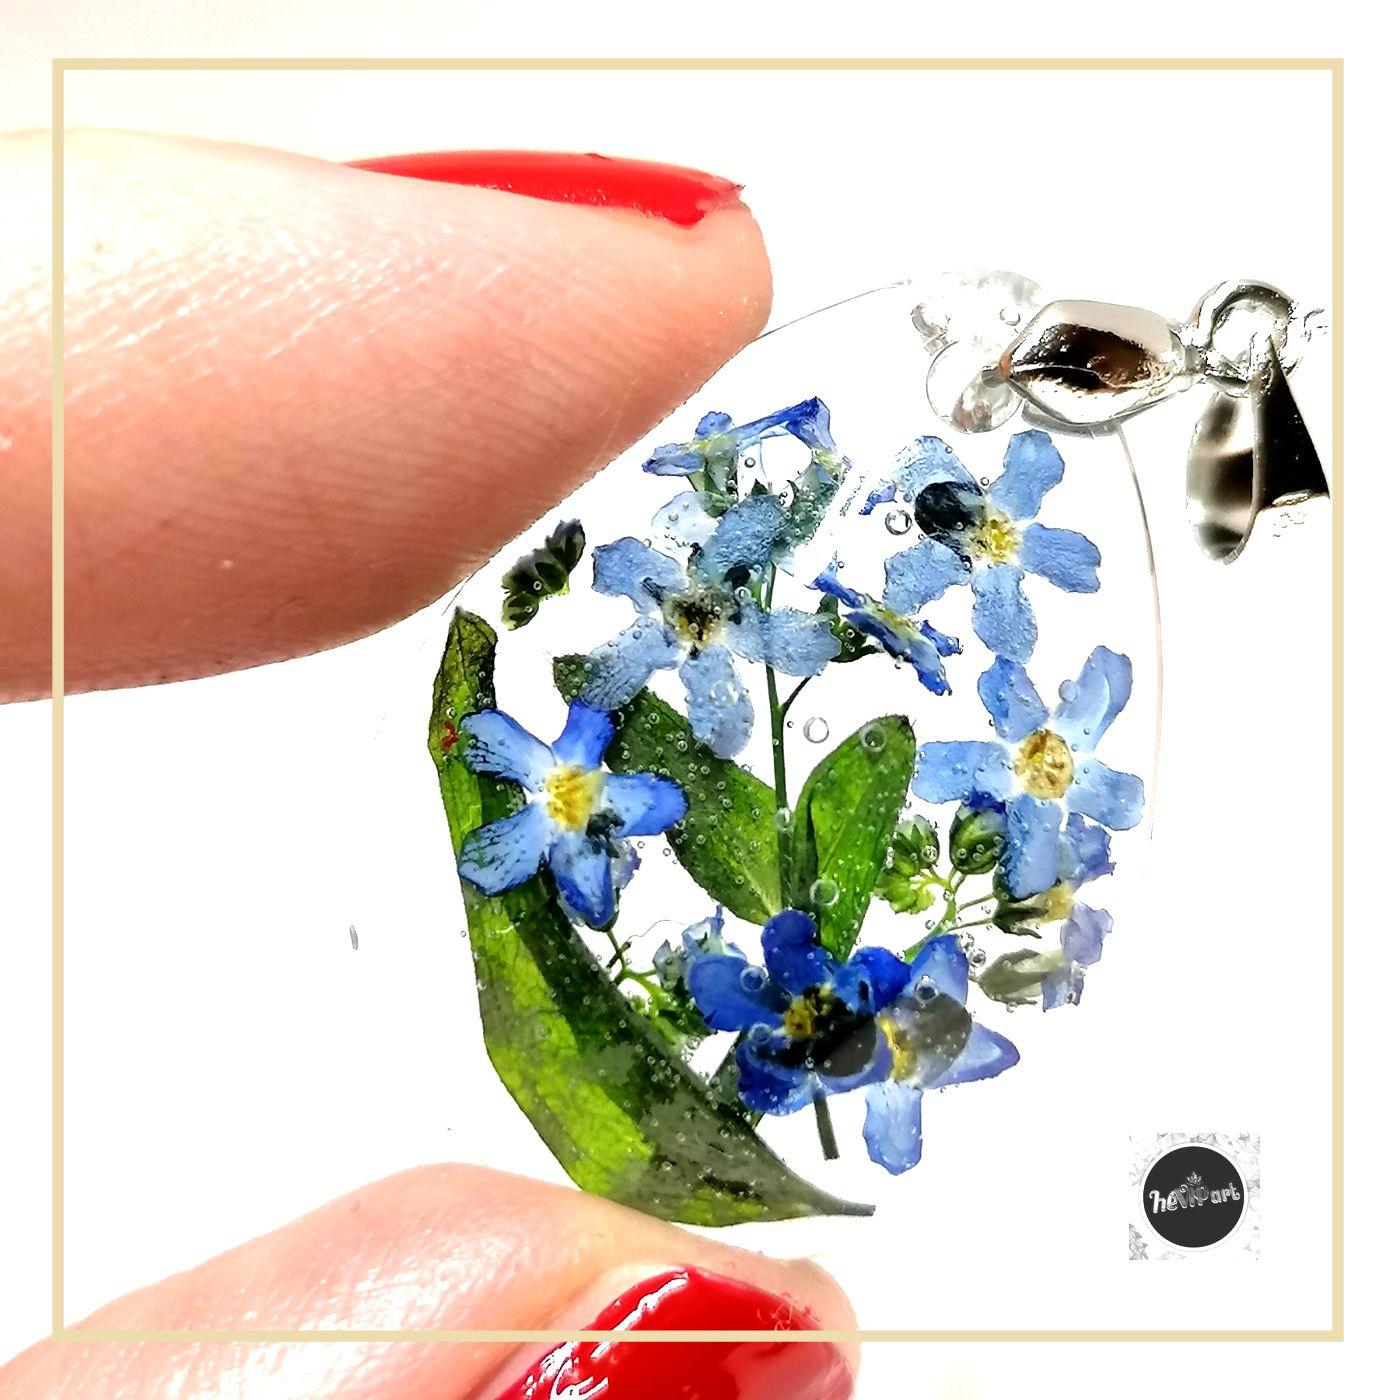 Valódi kék nefelejcses gyanta CSEPP medál nyakláncként vagy kulcstartóként felszerelve